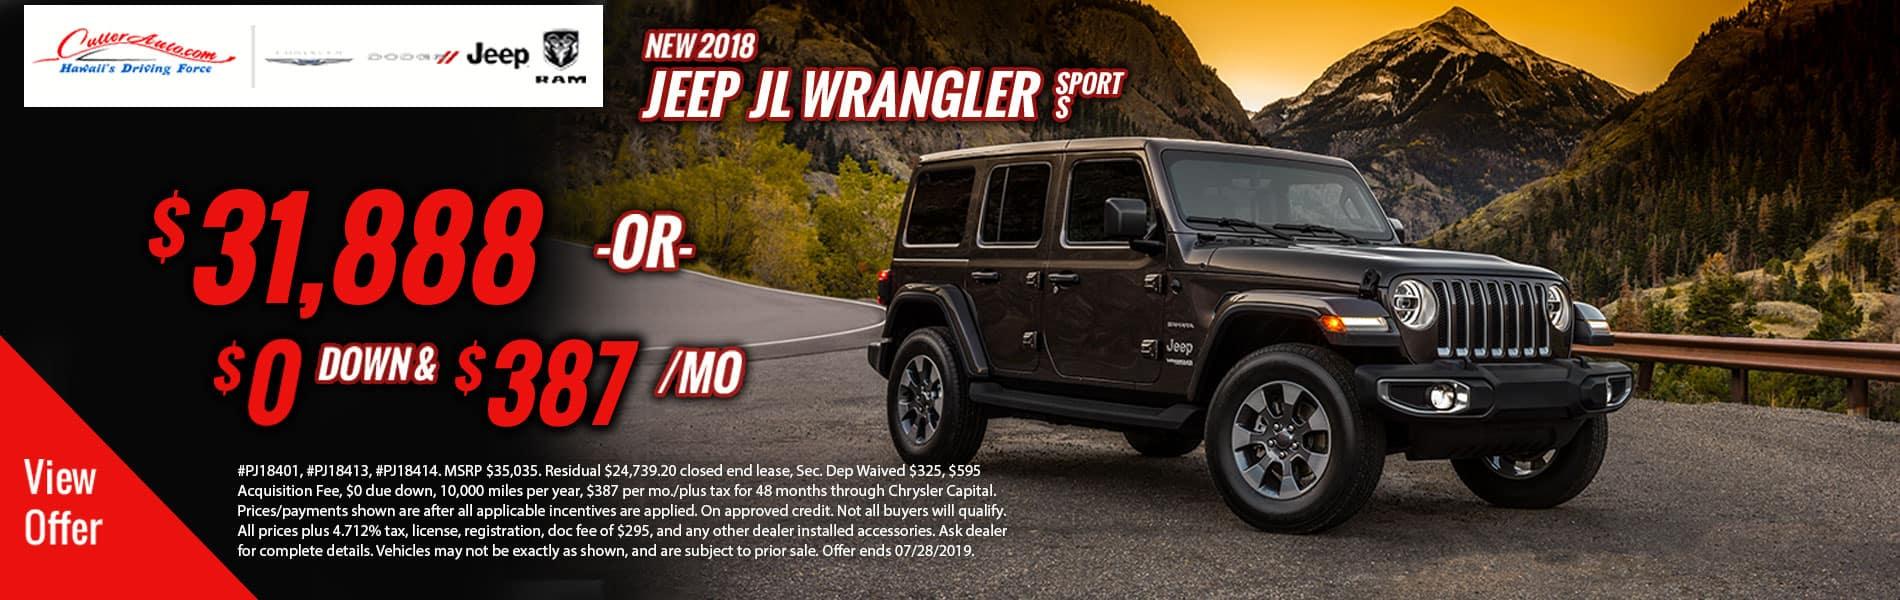 Jeep Wrangler Offer